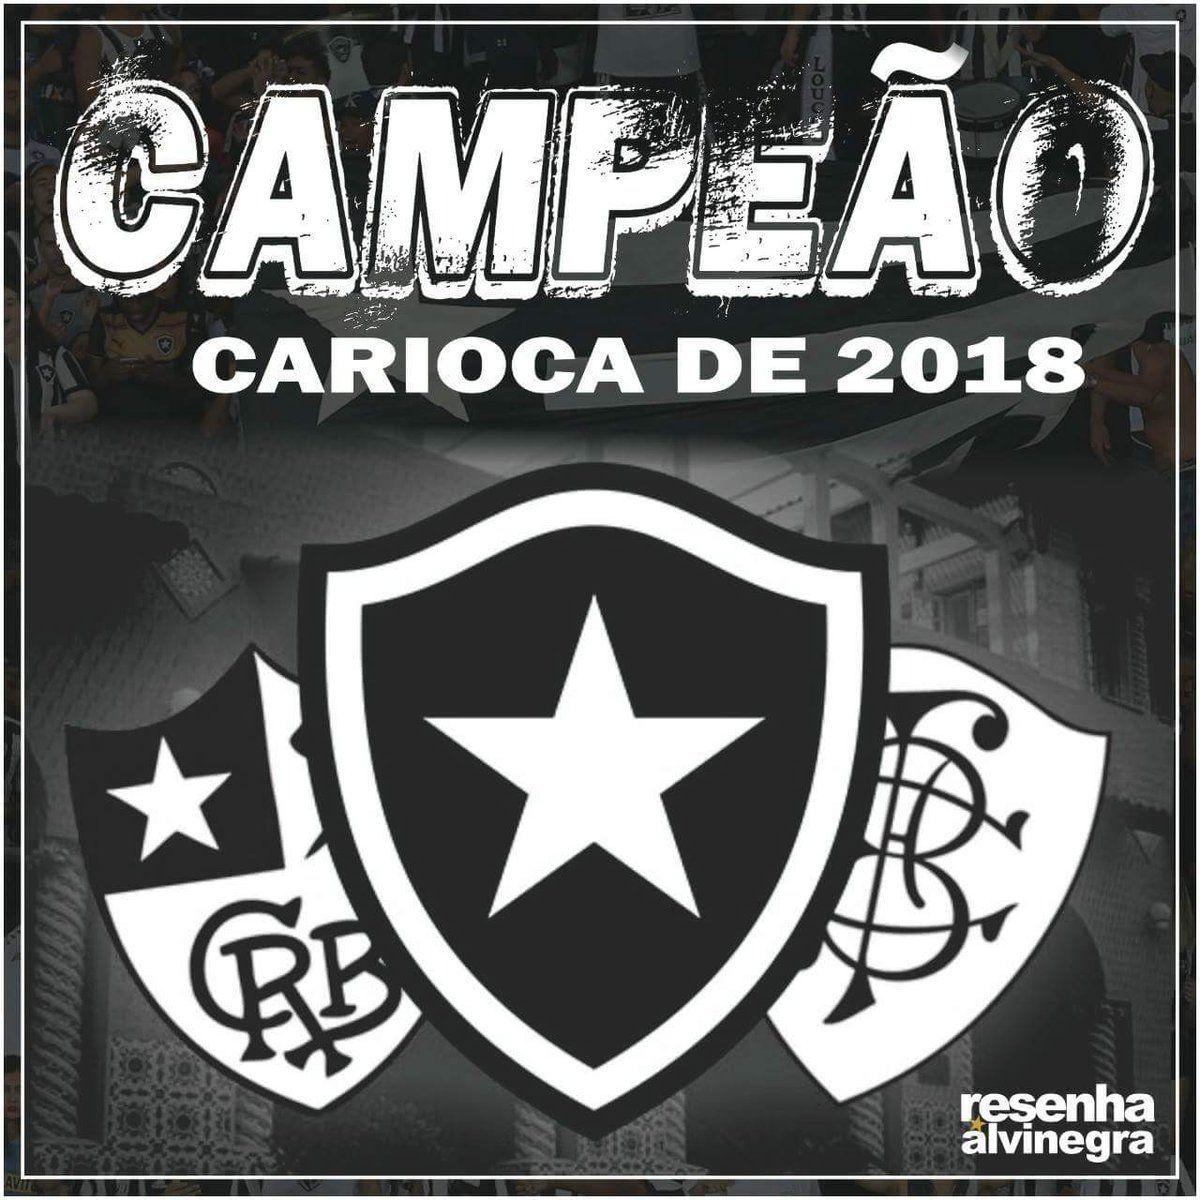 E ninguém cala💕💕 Botafogo fr, Futebol fotos, Botafogo rj